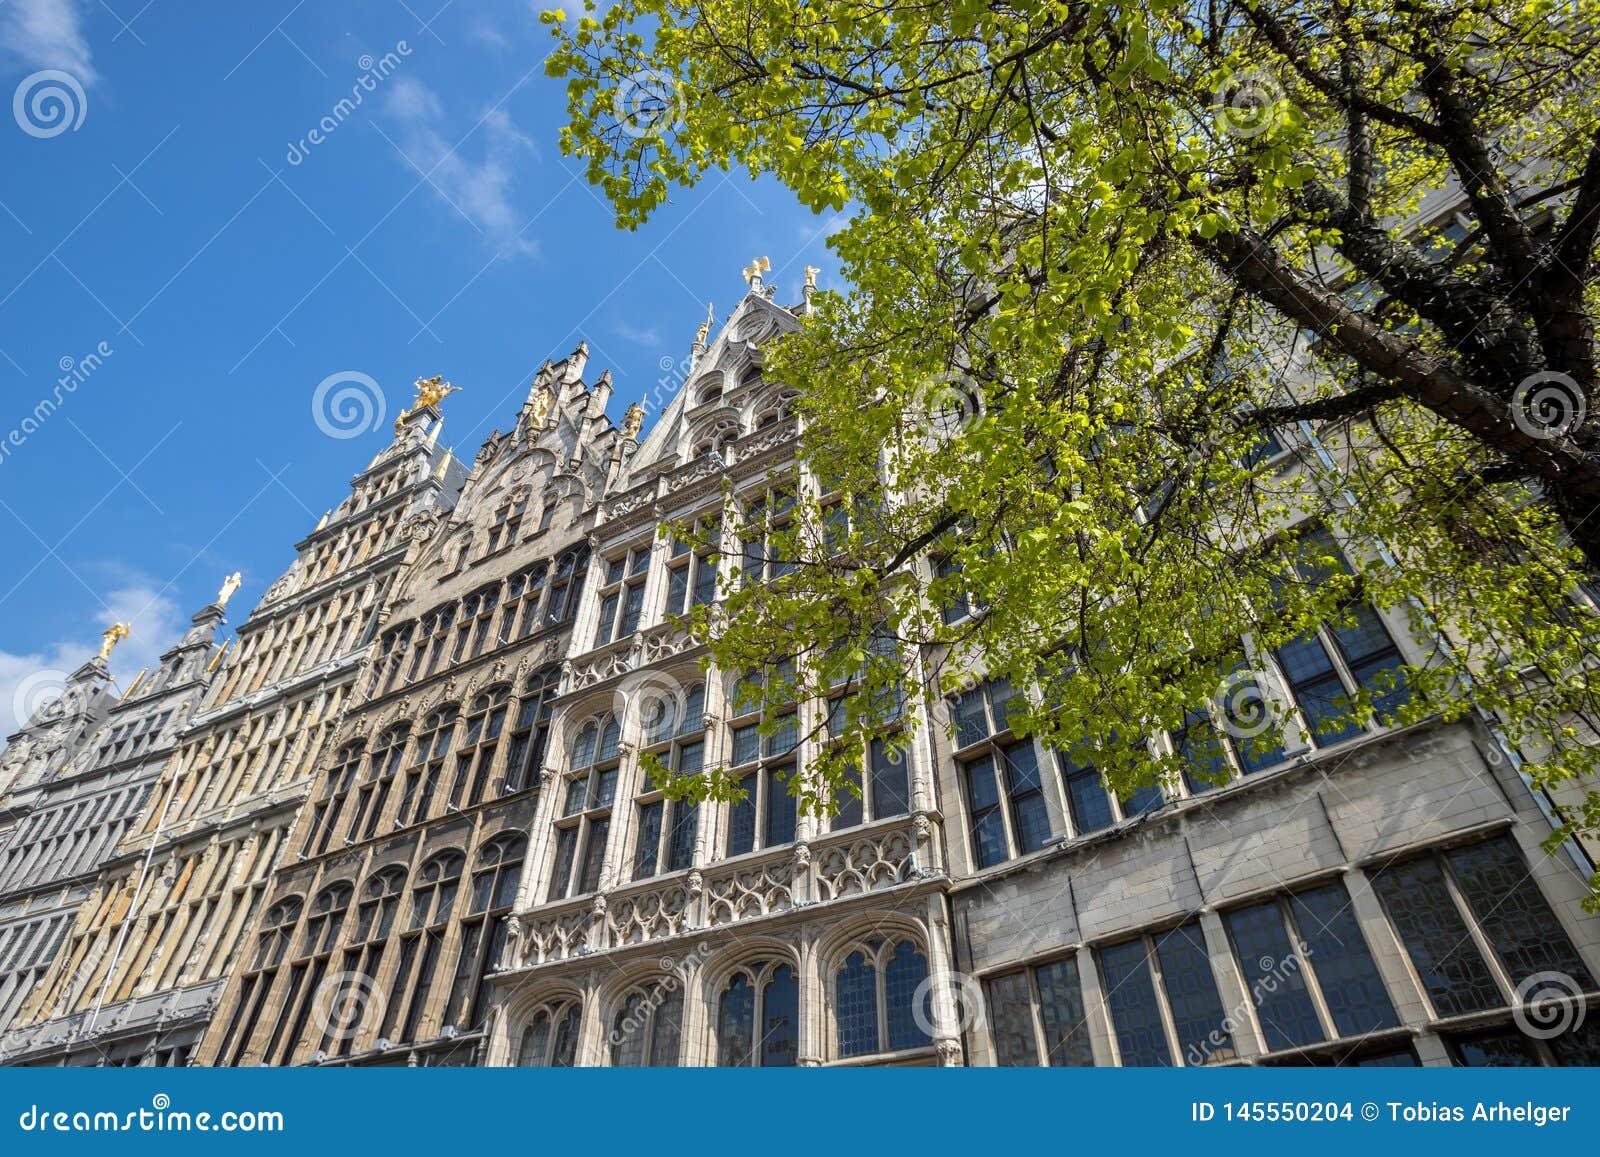 Stary grodzki Antwerp Belgium